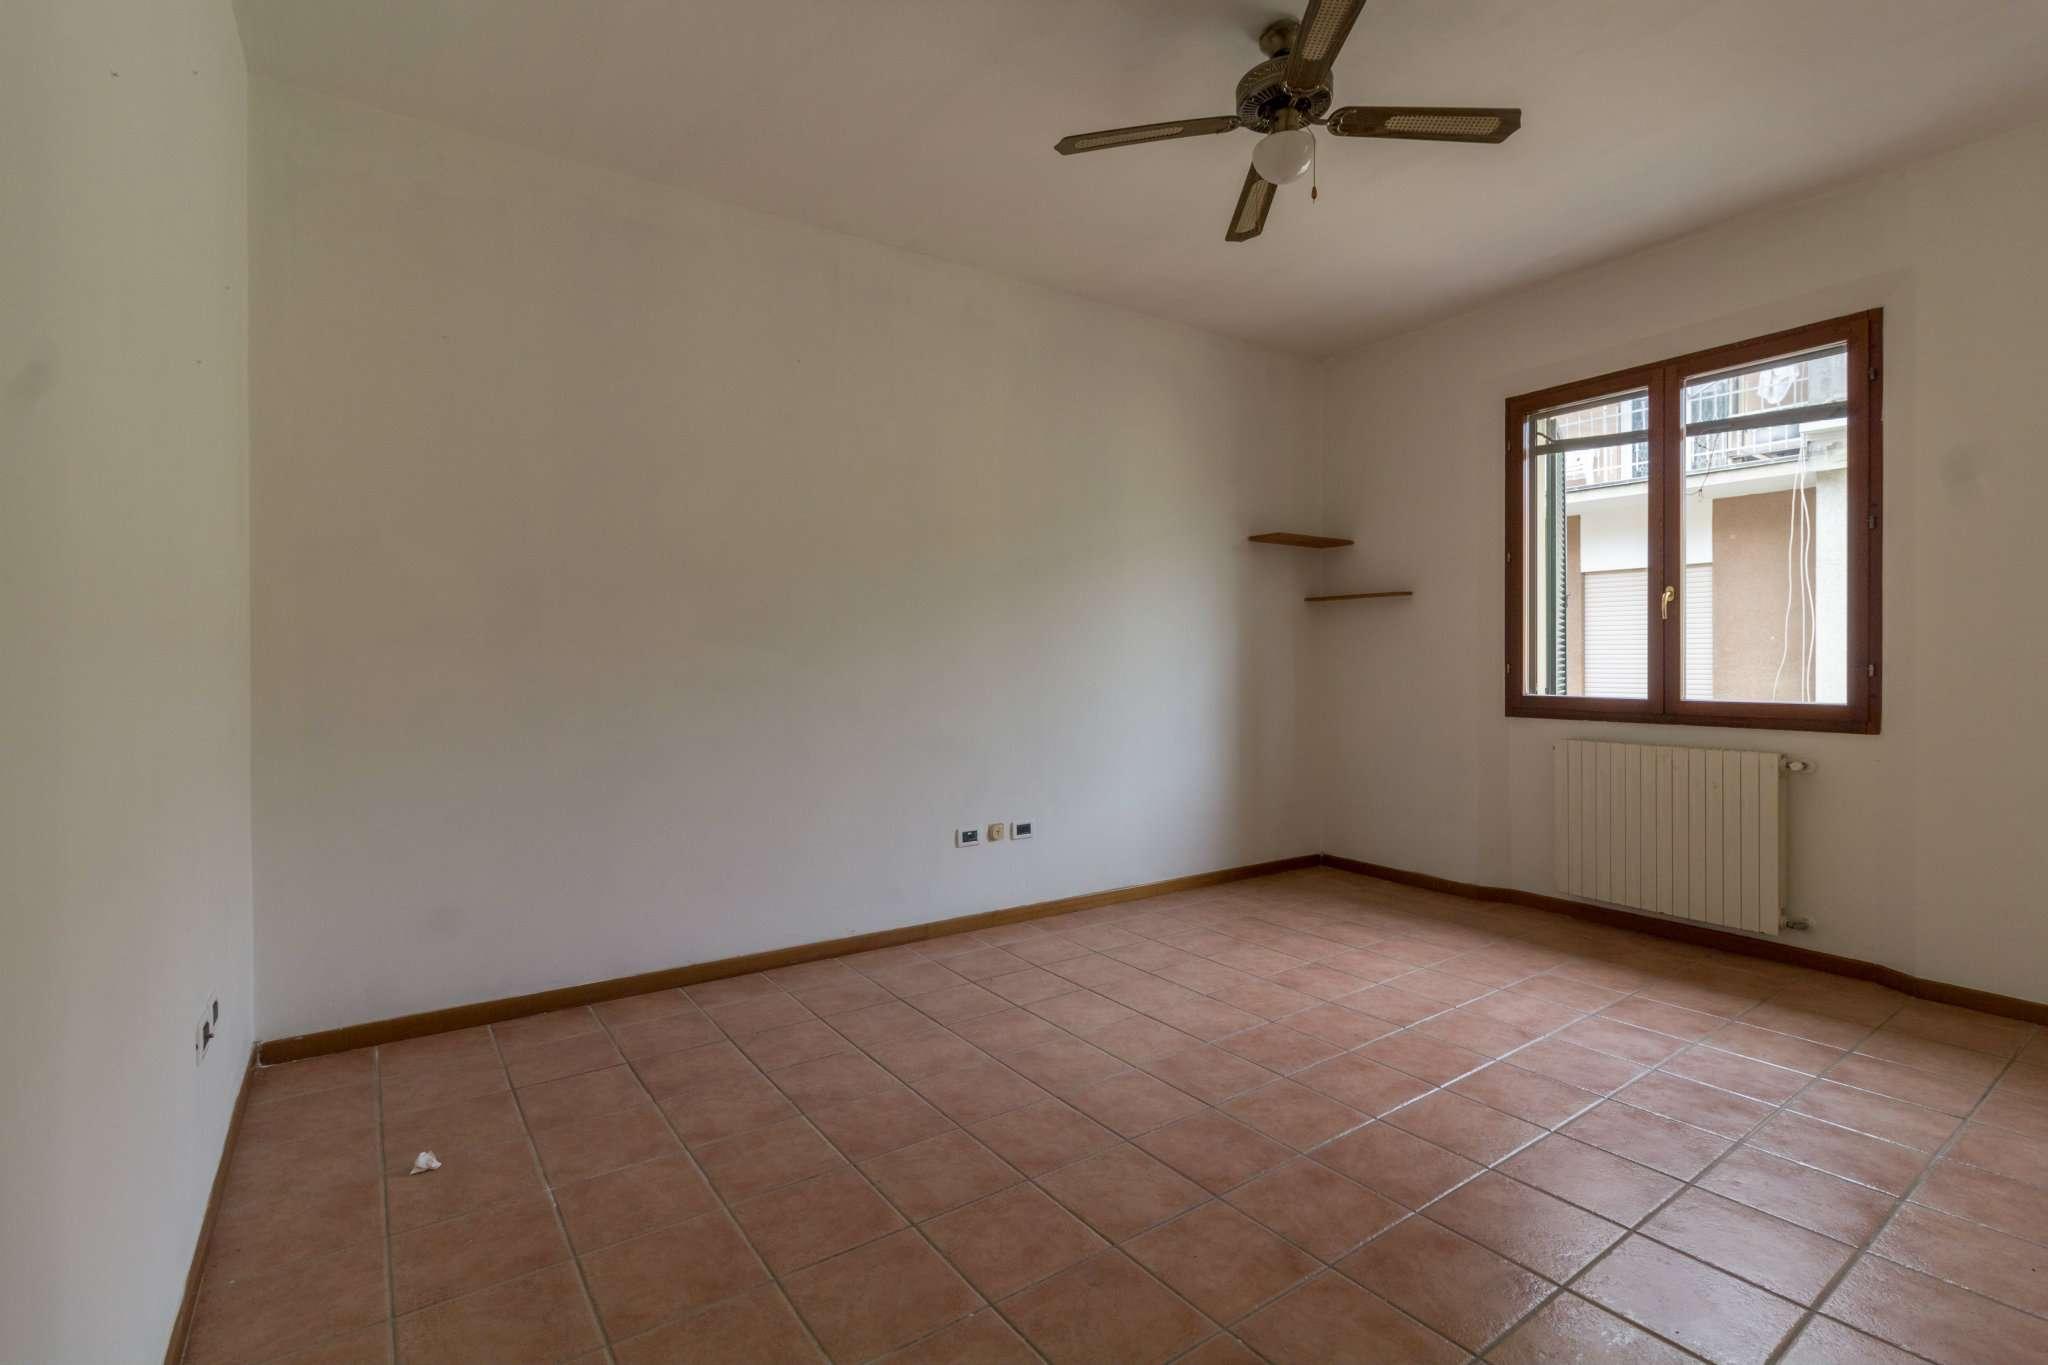 Appartamento in vendita a Meldola, 3 locali, prezzo € 79.000 | CambioCasa.it